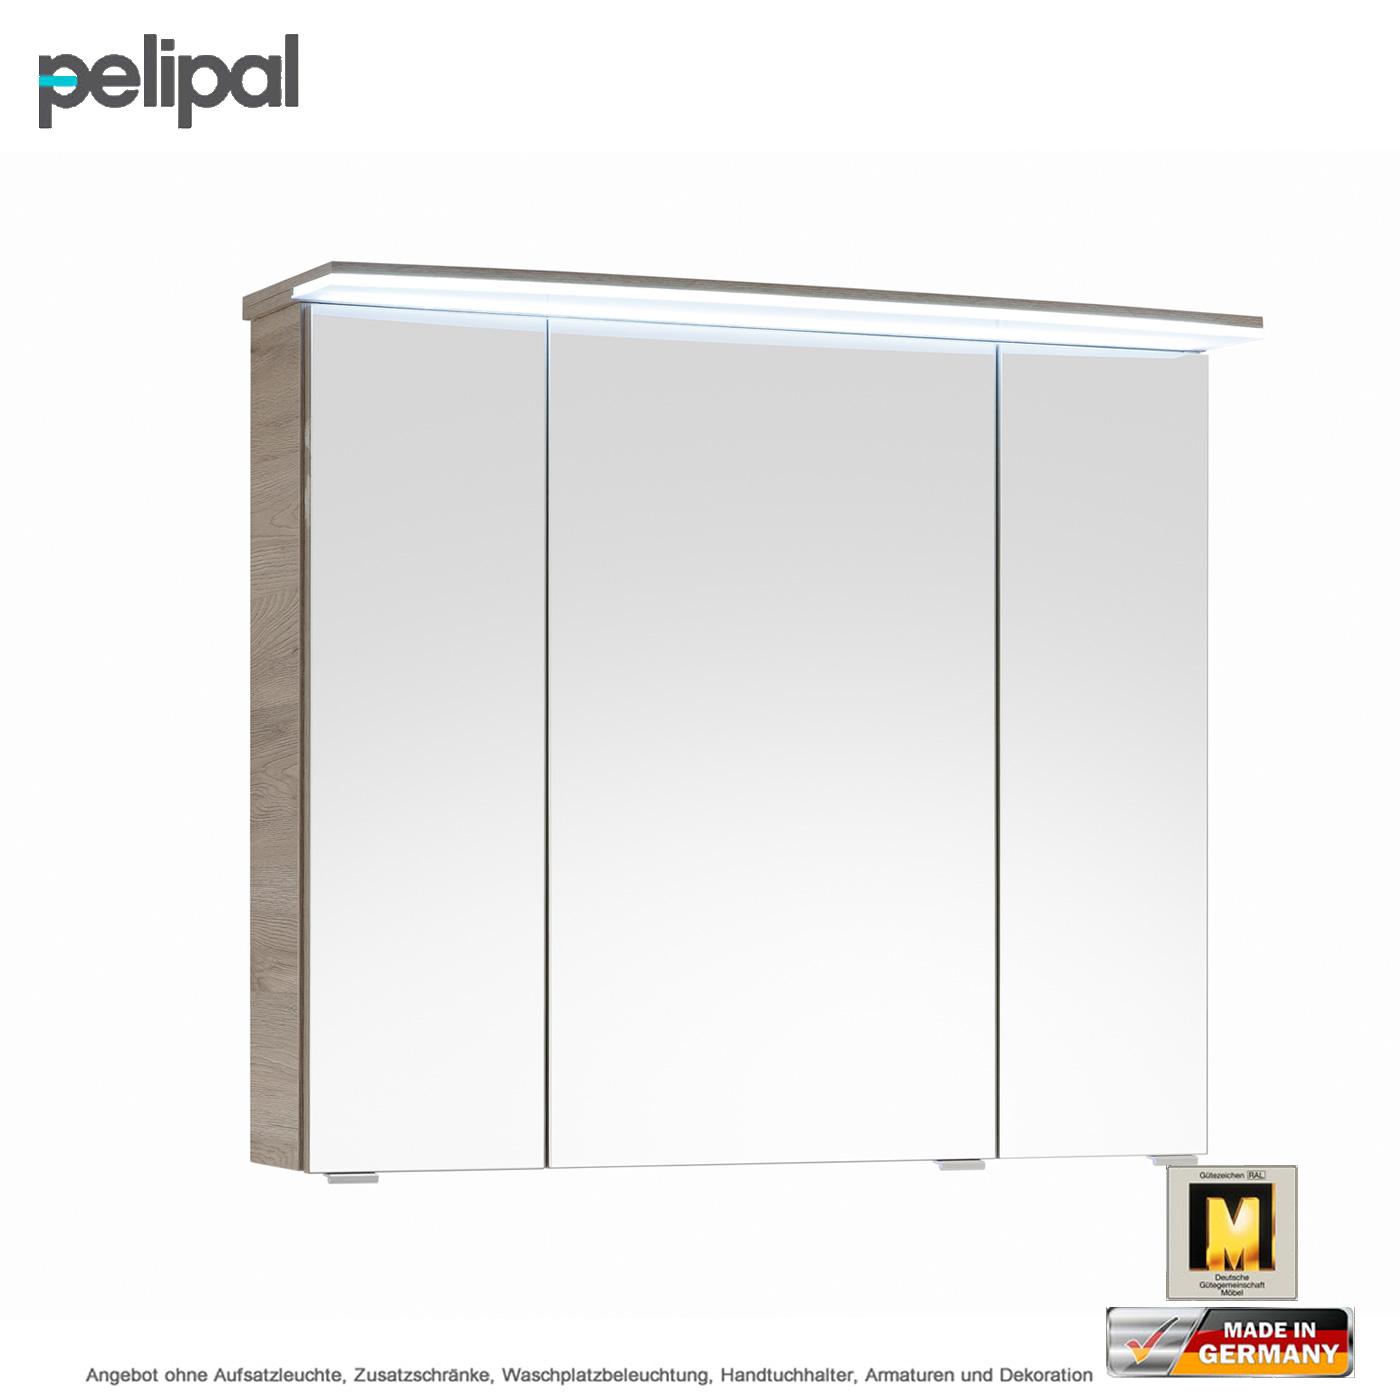 pelipal solitaire 7005 spiegelschrank mit lichtkranz 80 cm. Black Bedroom Furniture Sets. Home Design Ideas